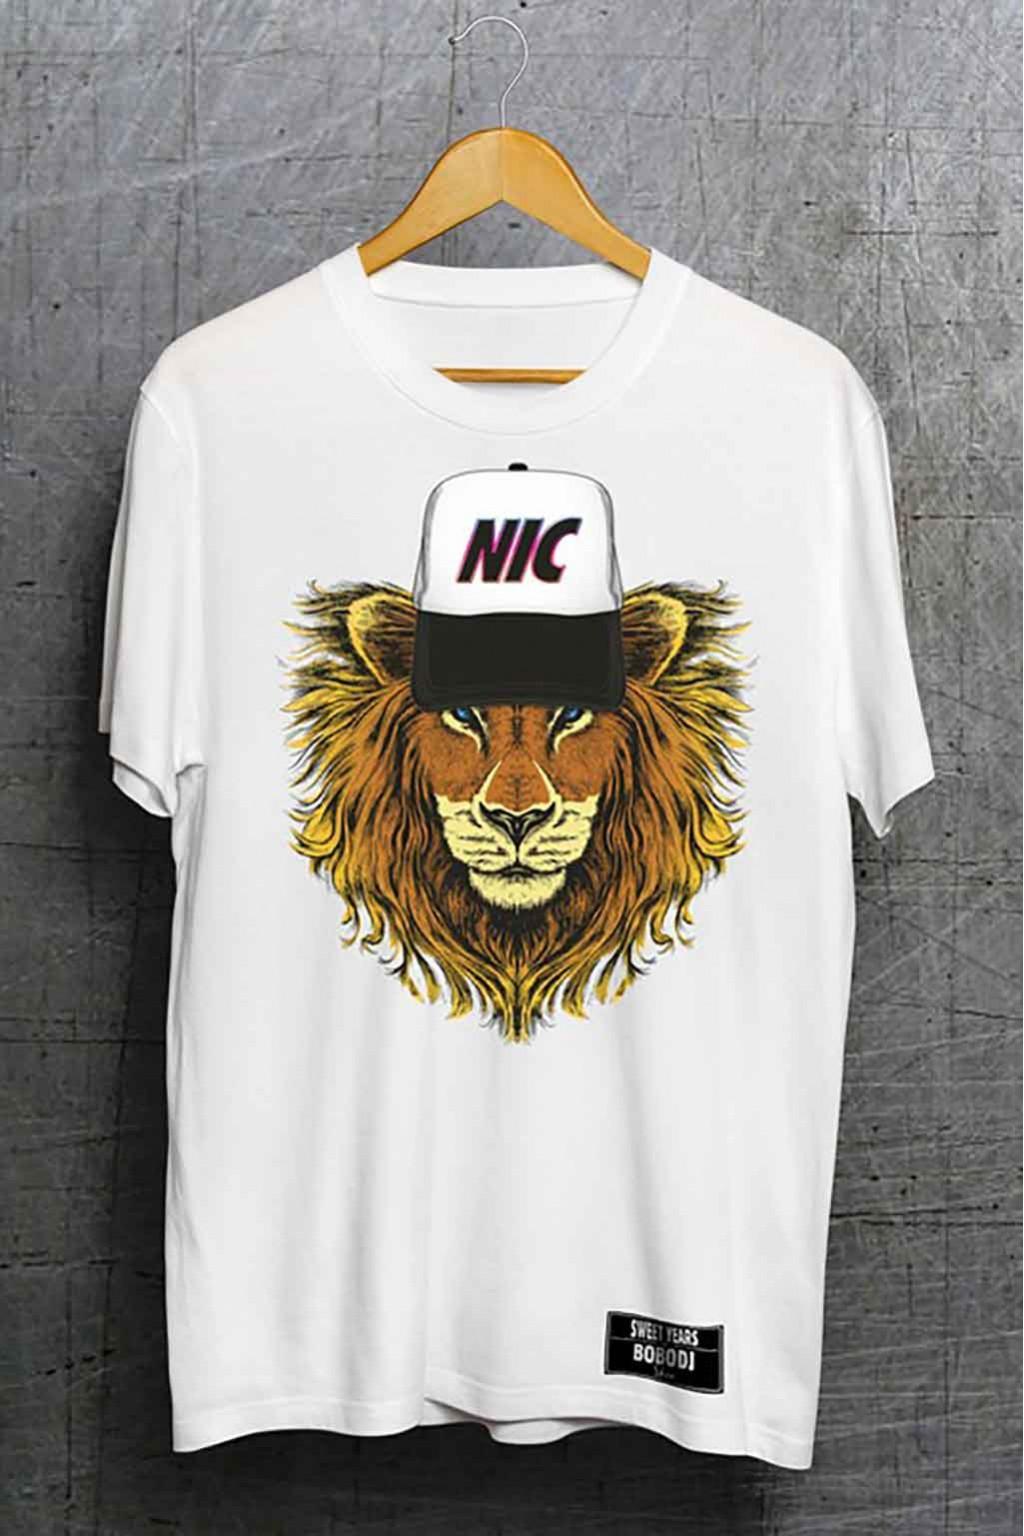 aspetto dettagliato dd23a dc63d T-shirt da uomo bianca Sweet Years della collezione Bobo Dj con leone  Taglia L Colore Bianco